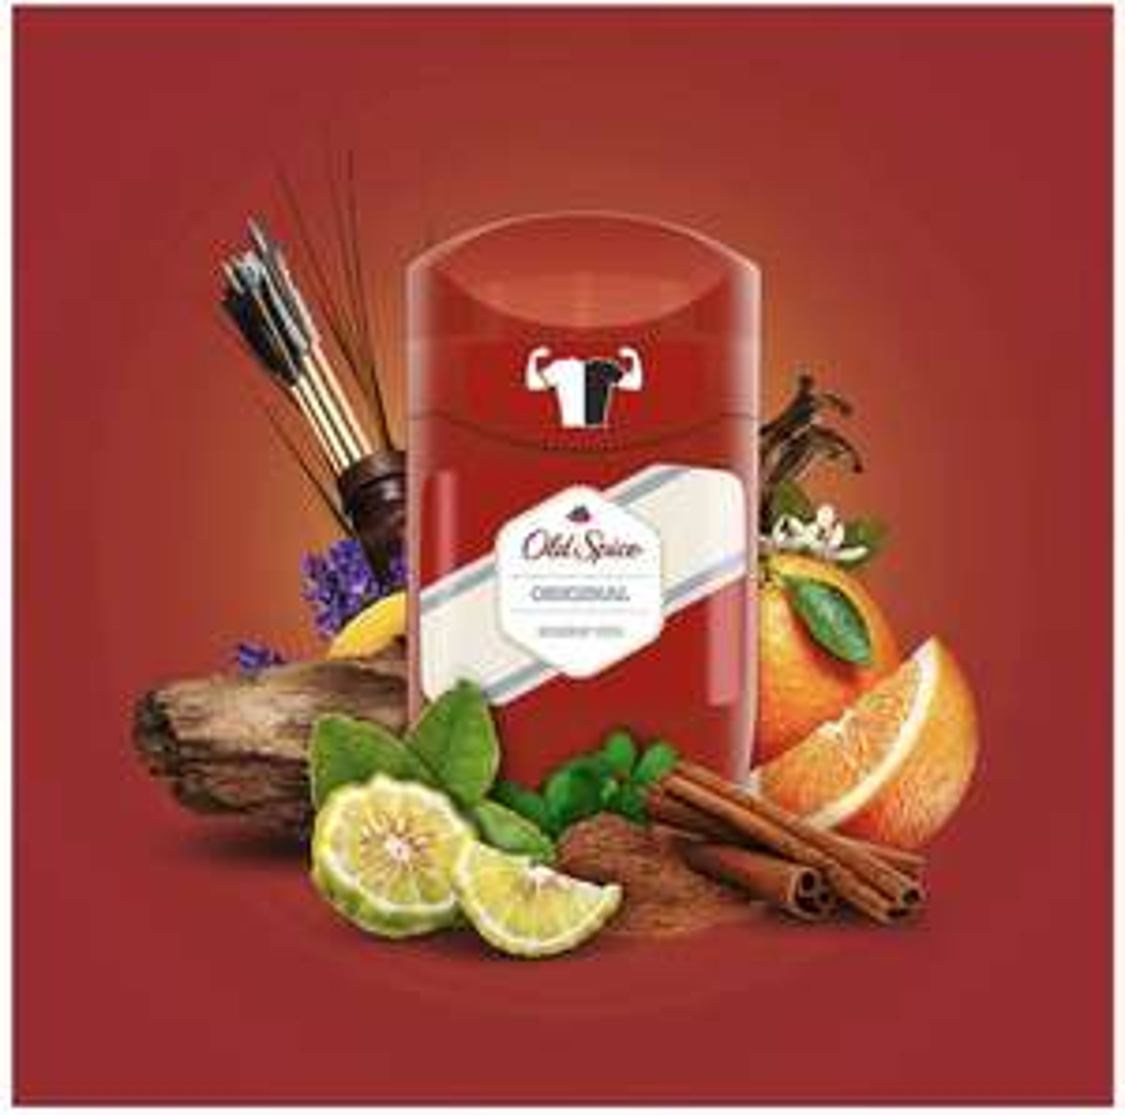 Old Spice Original Deodorant Stick, 50 ml £1.69 Prime/ £6.18 Non Prime at Amazon